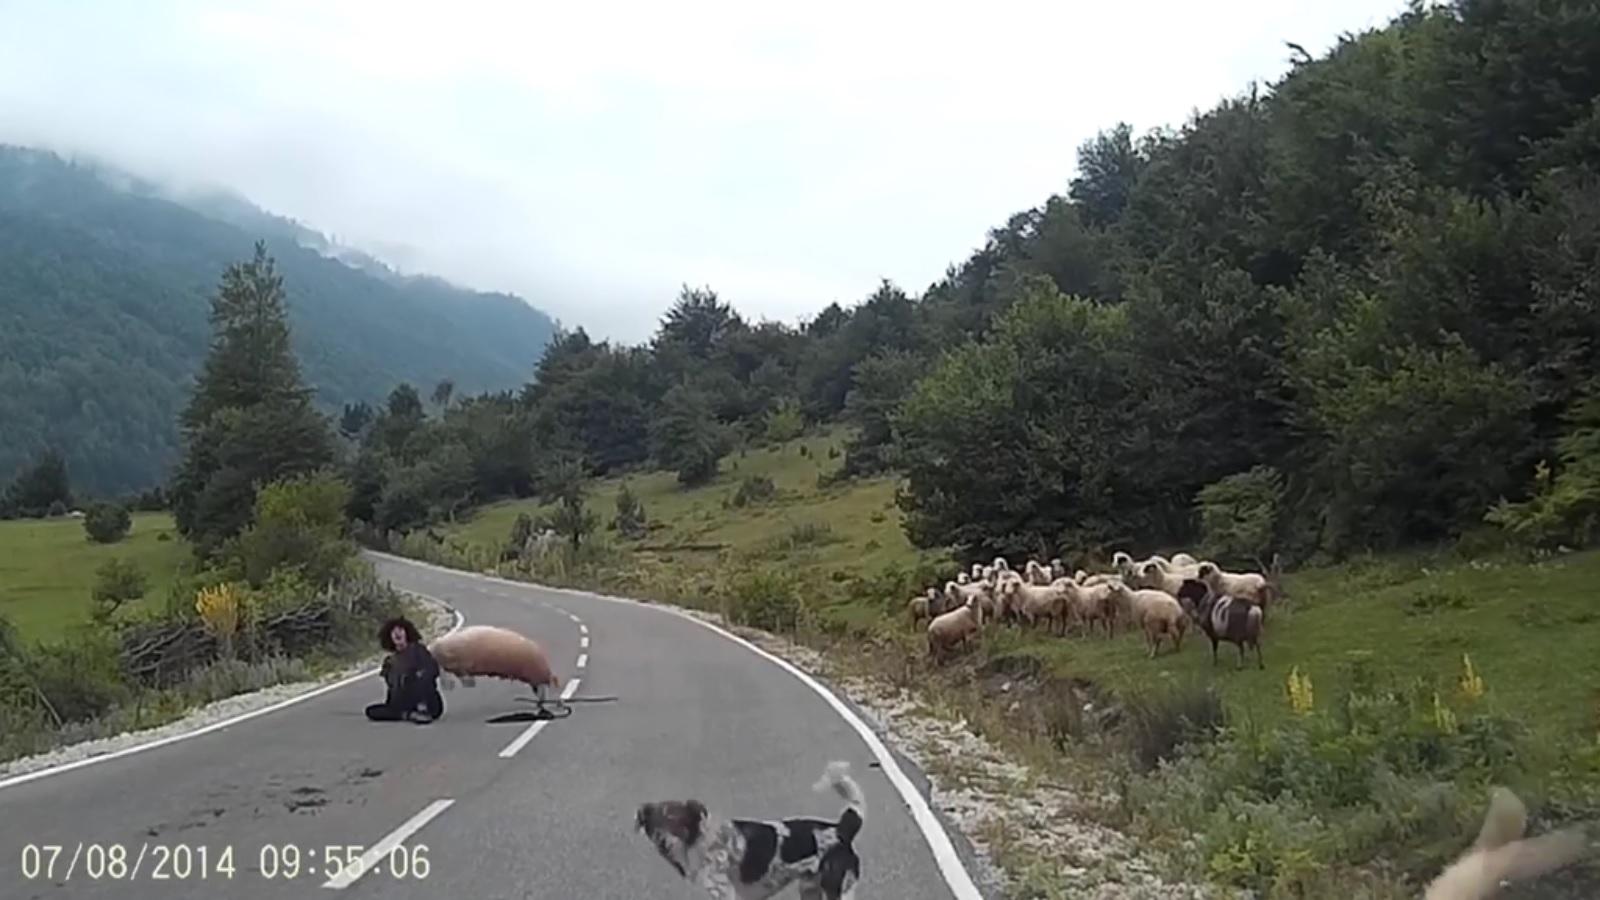 """Cừu hung hãn húc ngã người chăn như trút """"hận thù"""" - 2"""